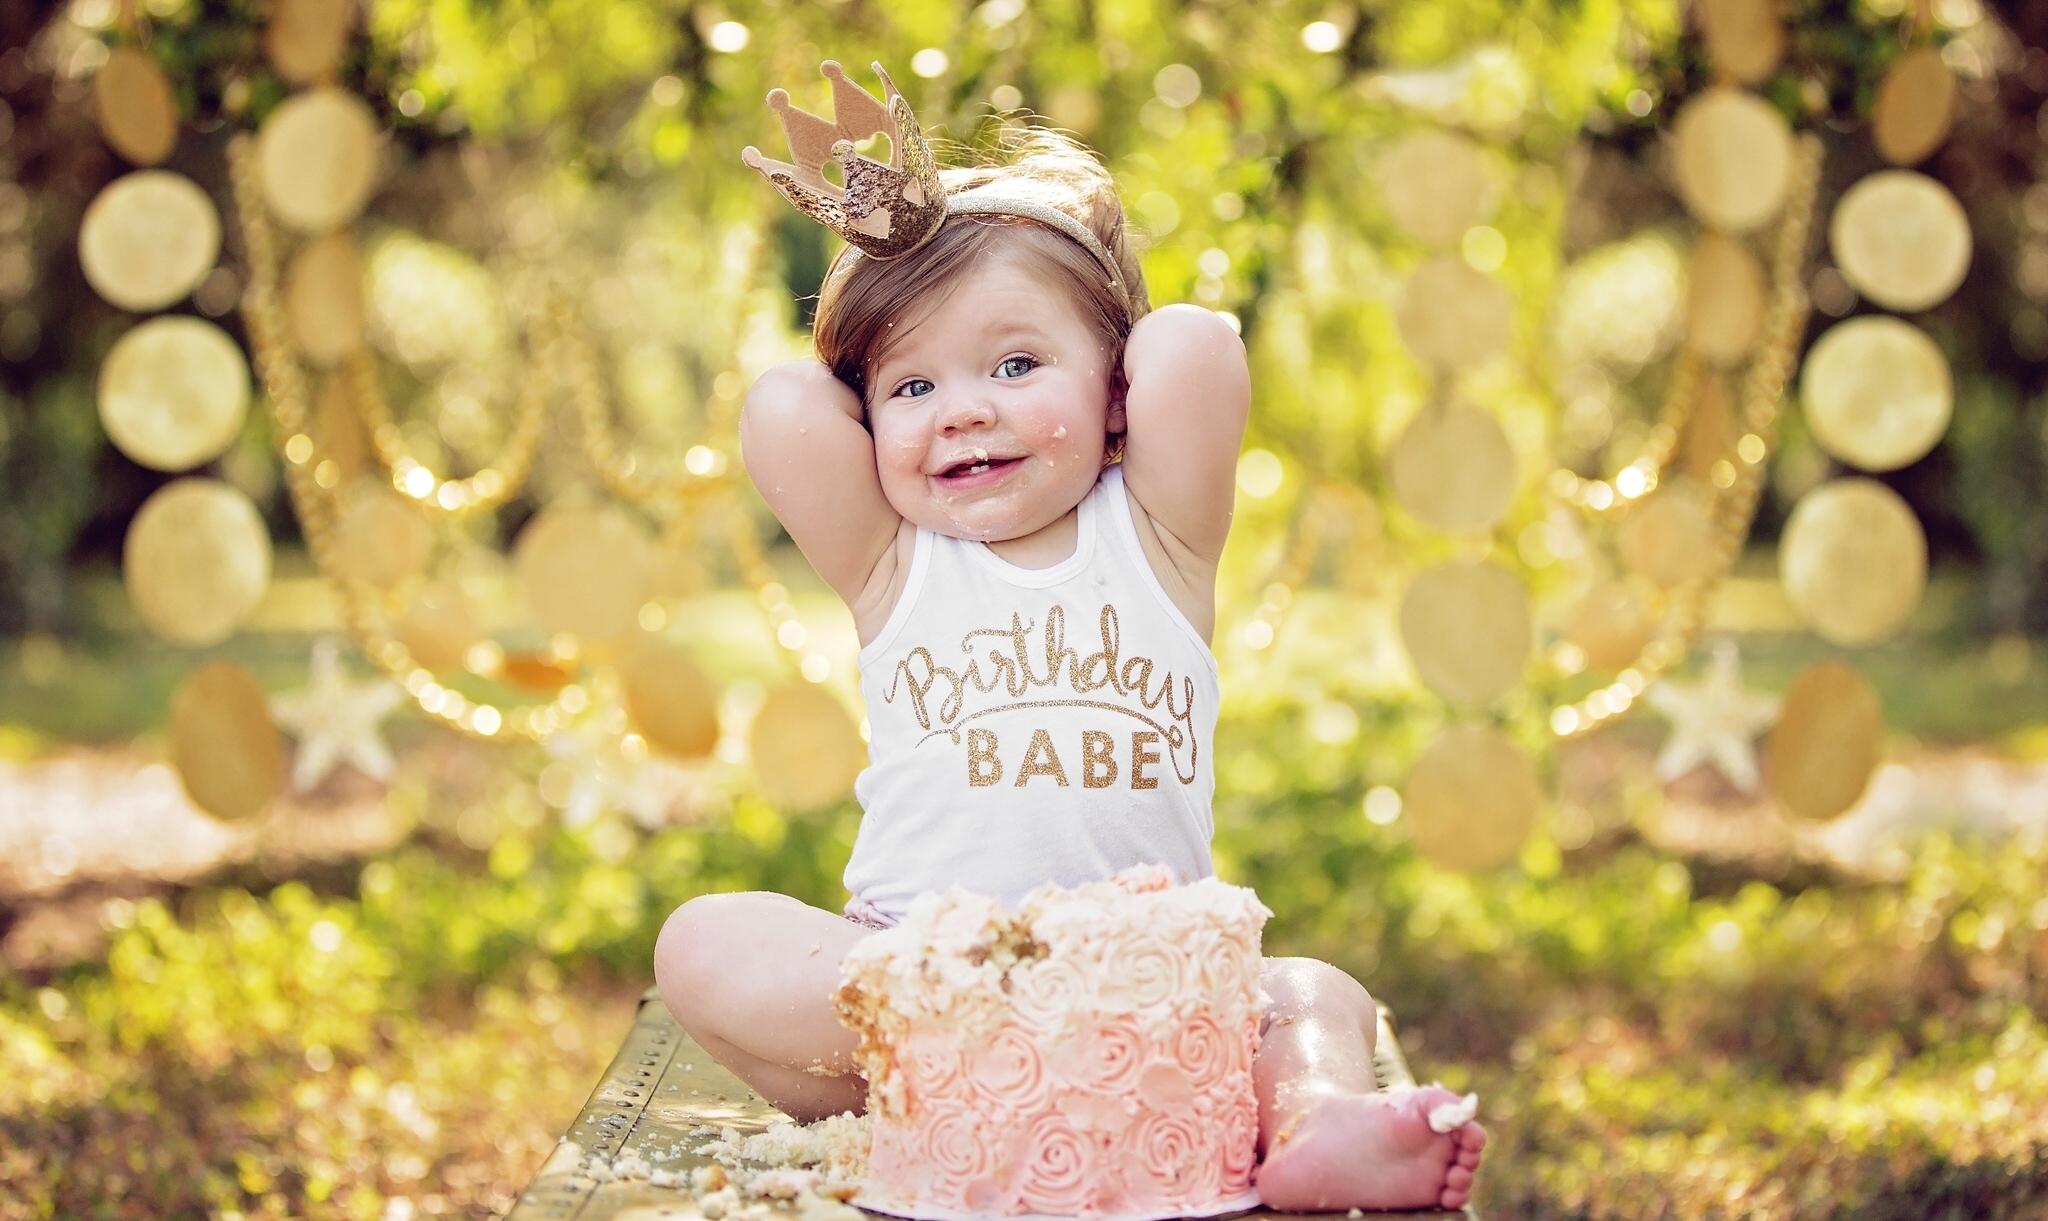 Комментарии для фото ребенка годик